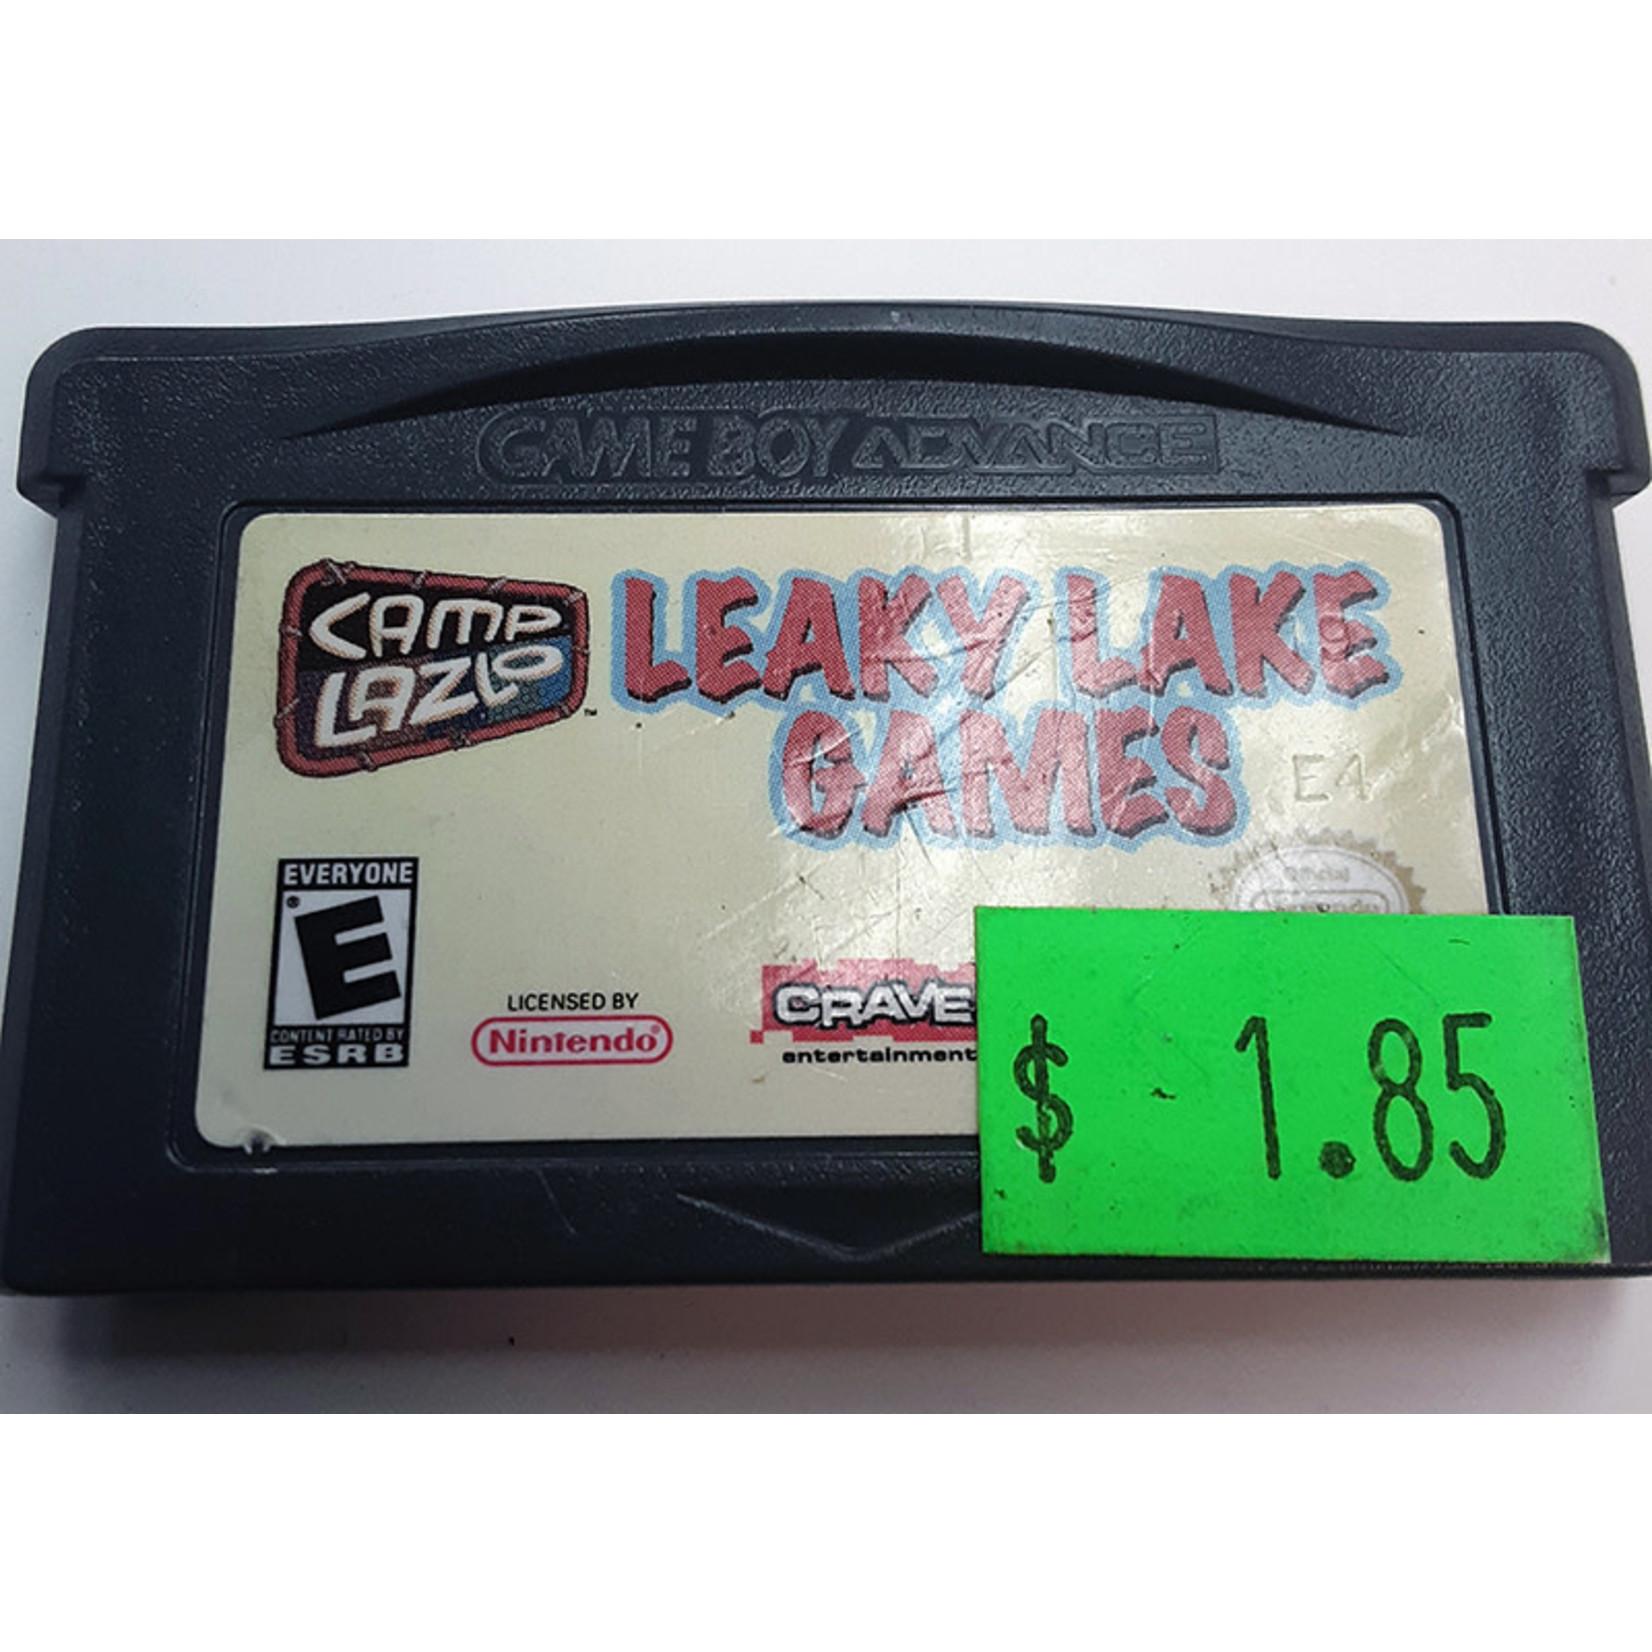 GBAu-Camp Lazlo Leaky Lake Games (cartridge)